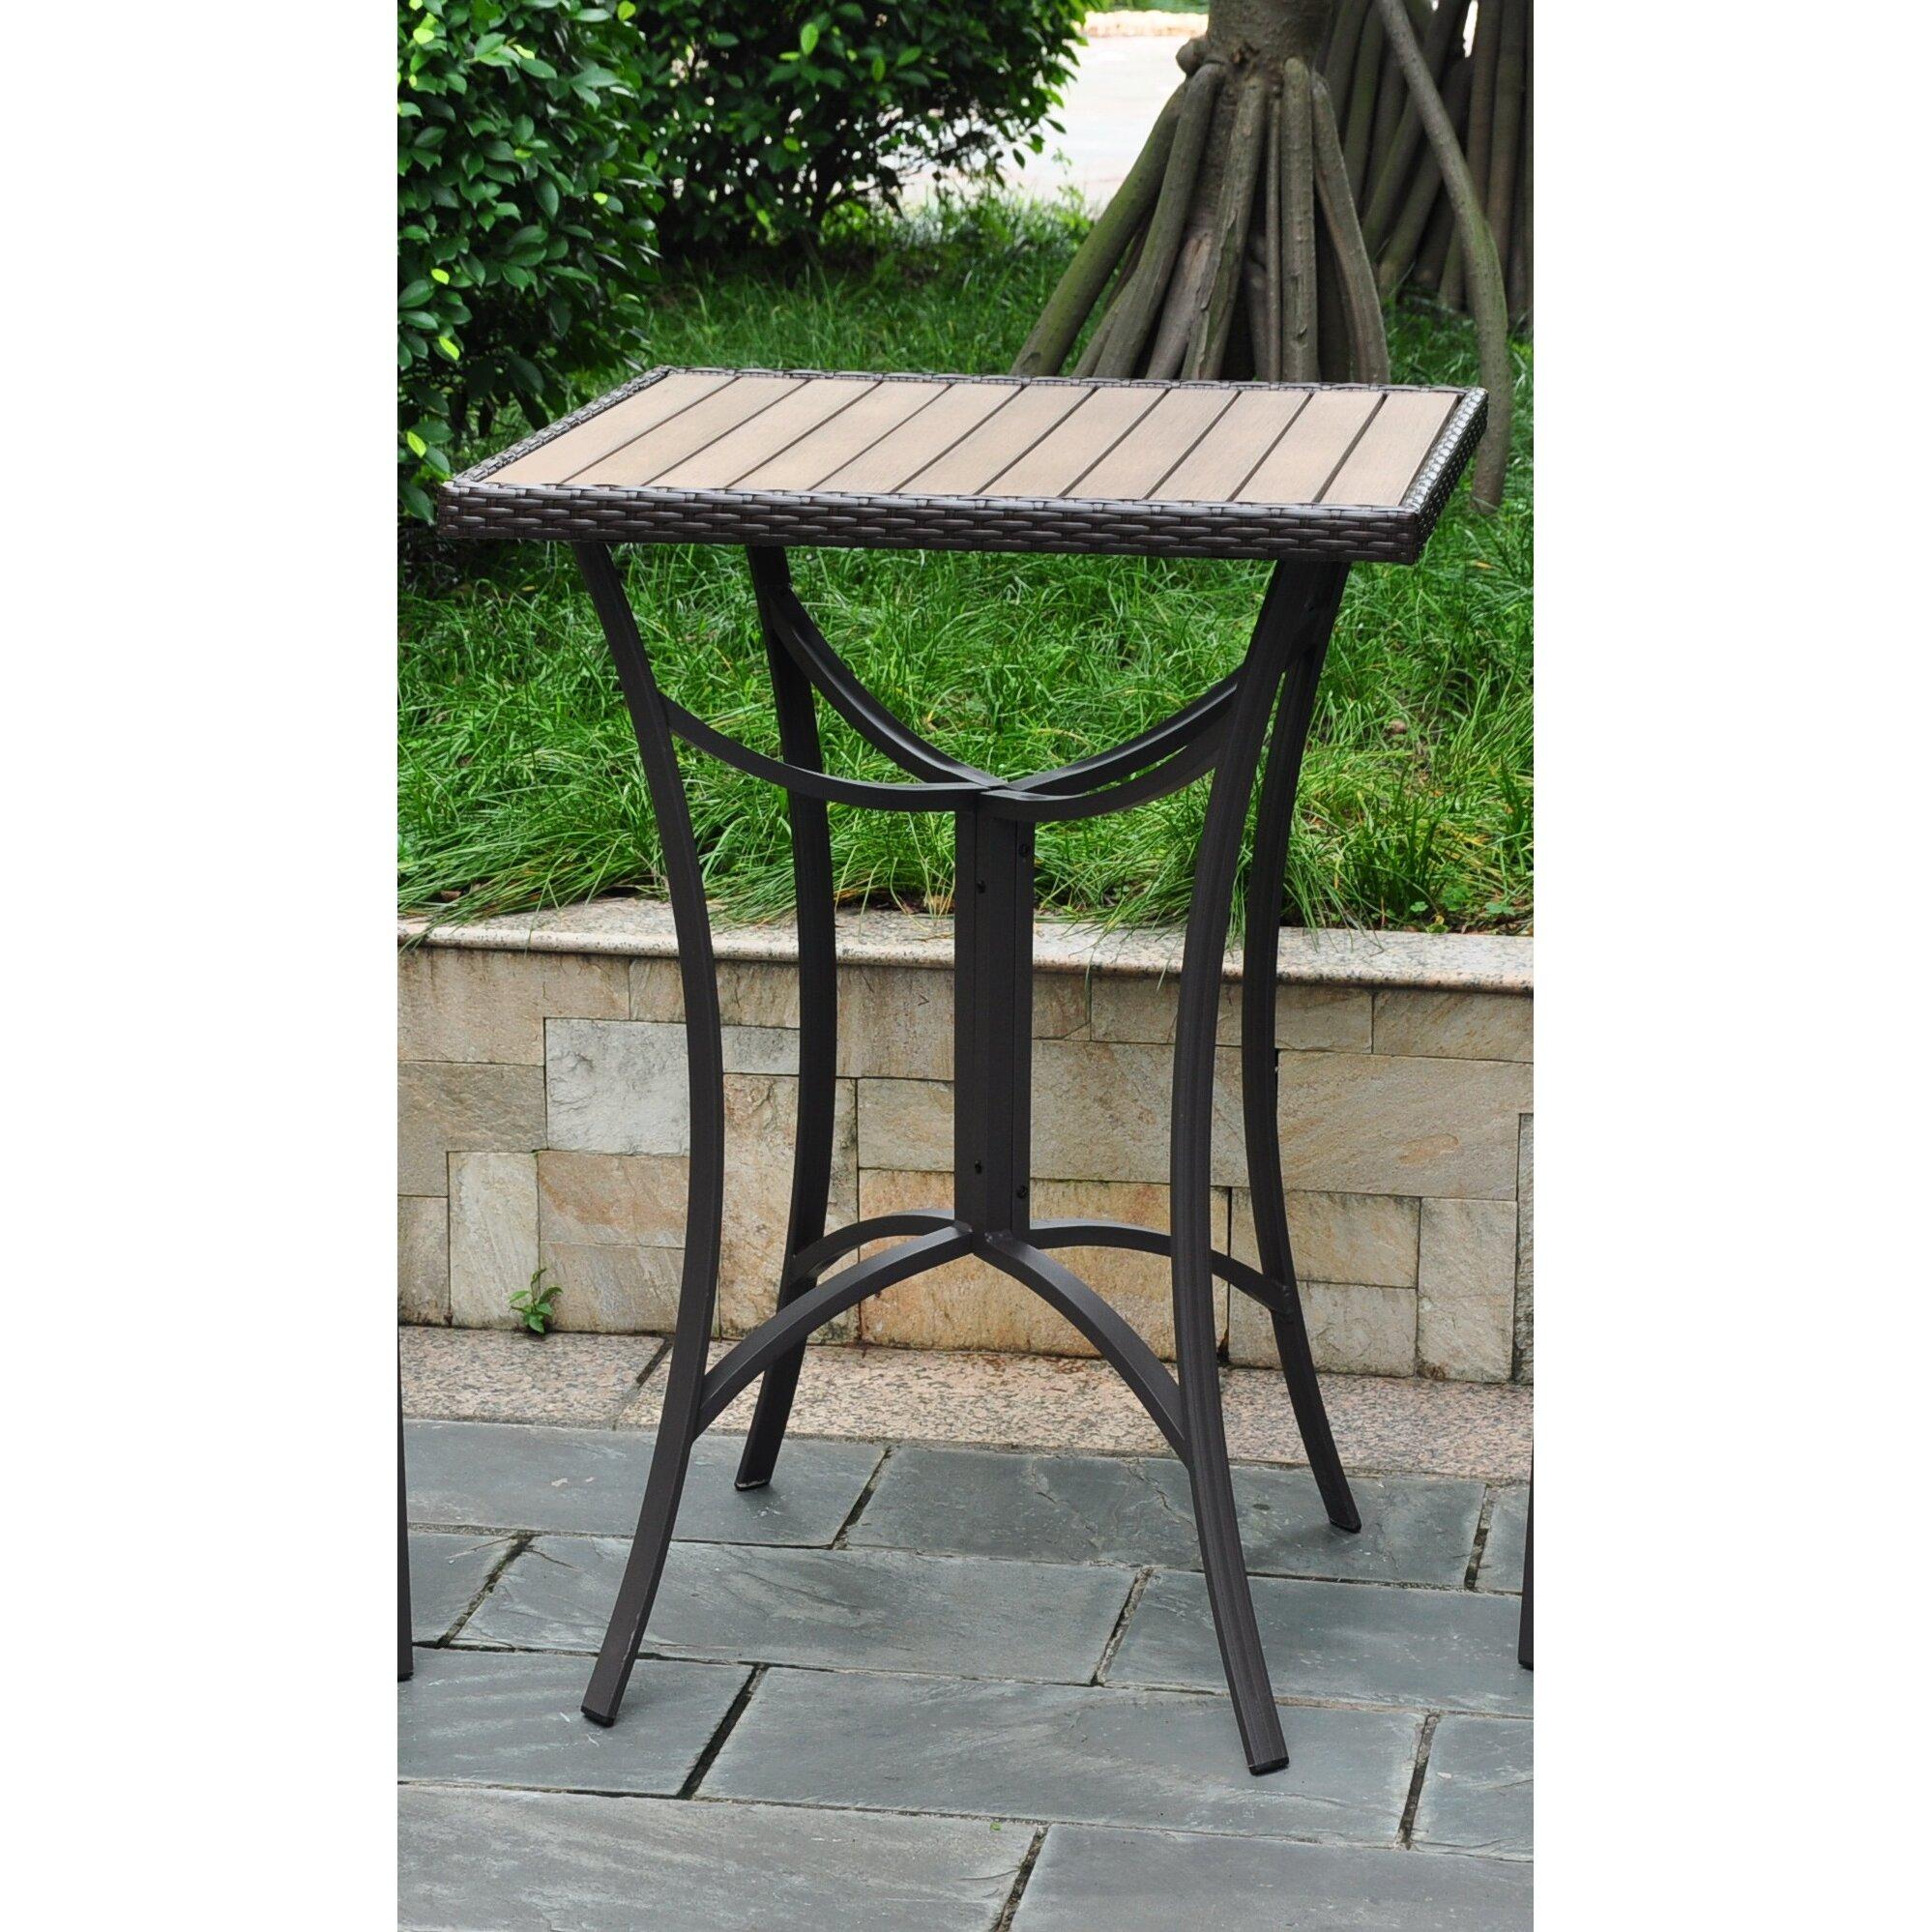 Brayden Studio Katzer Wicker Resin Aluminum Patio Table Reviews Wayfair